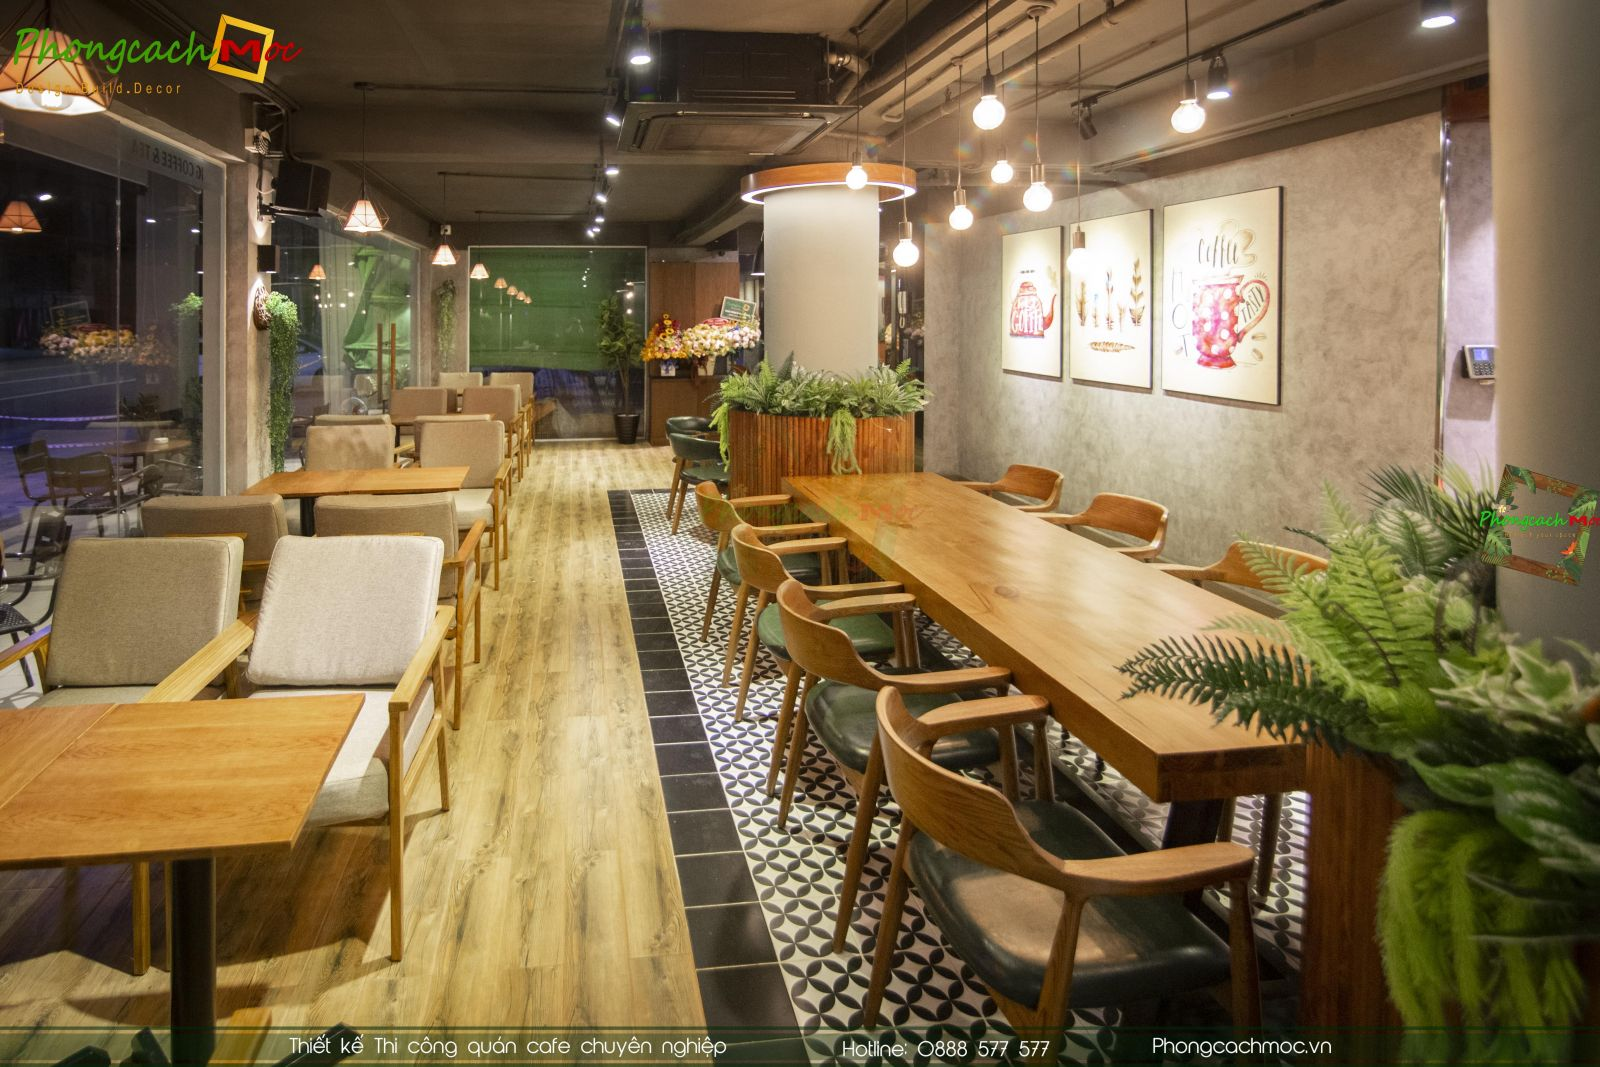 thiet-ke-thi-cong-quan-cafe-mong-coffee-binh-duong26